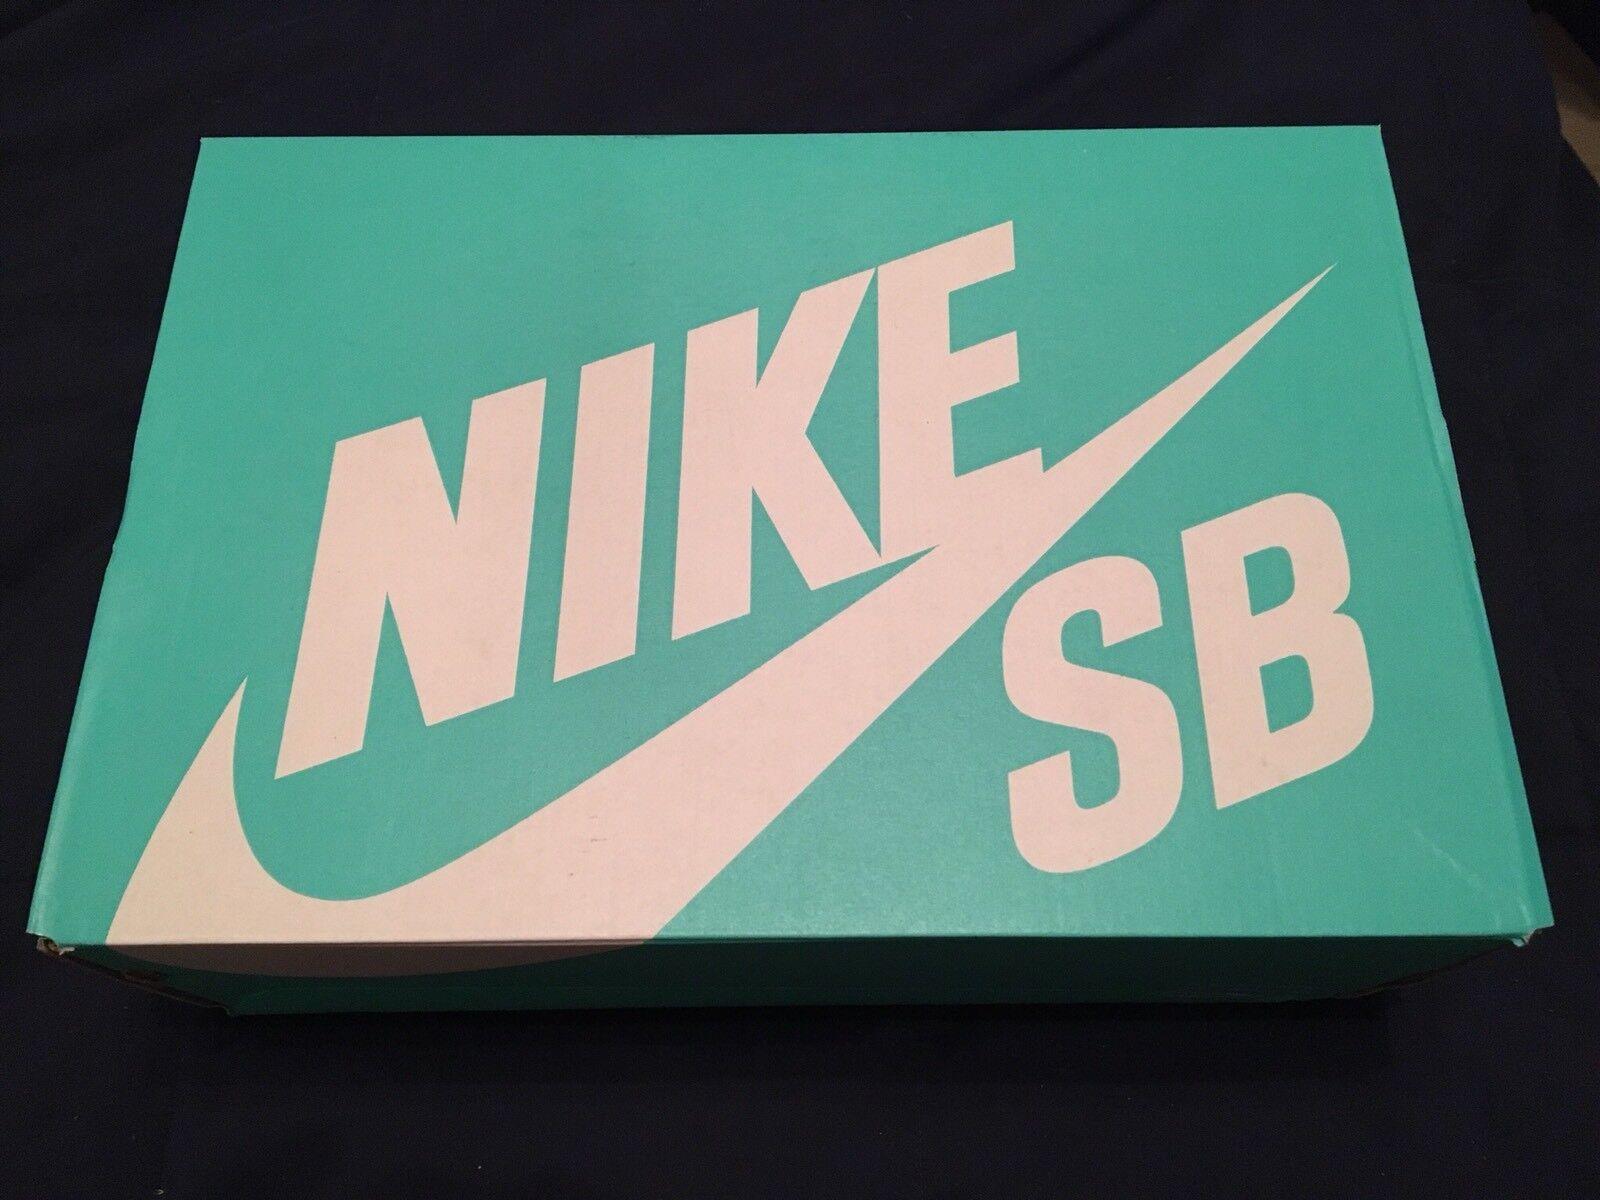 Nike sb schiacciare bassa 10 dimensione 10 bassa 73c933